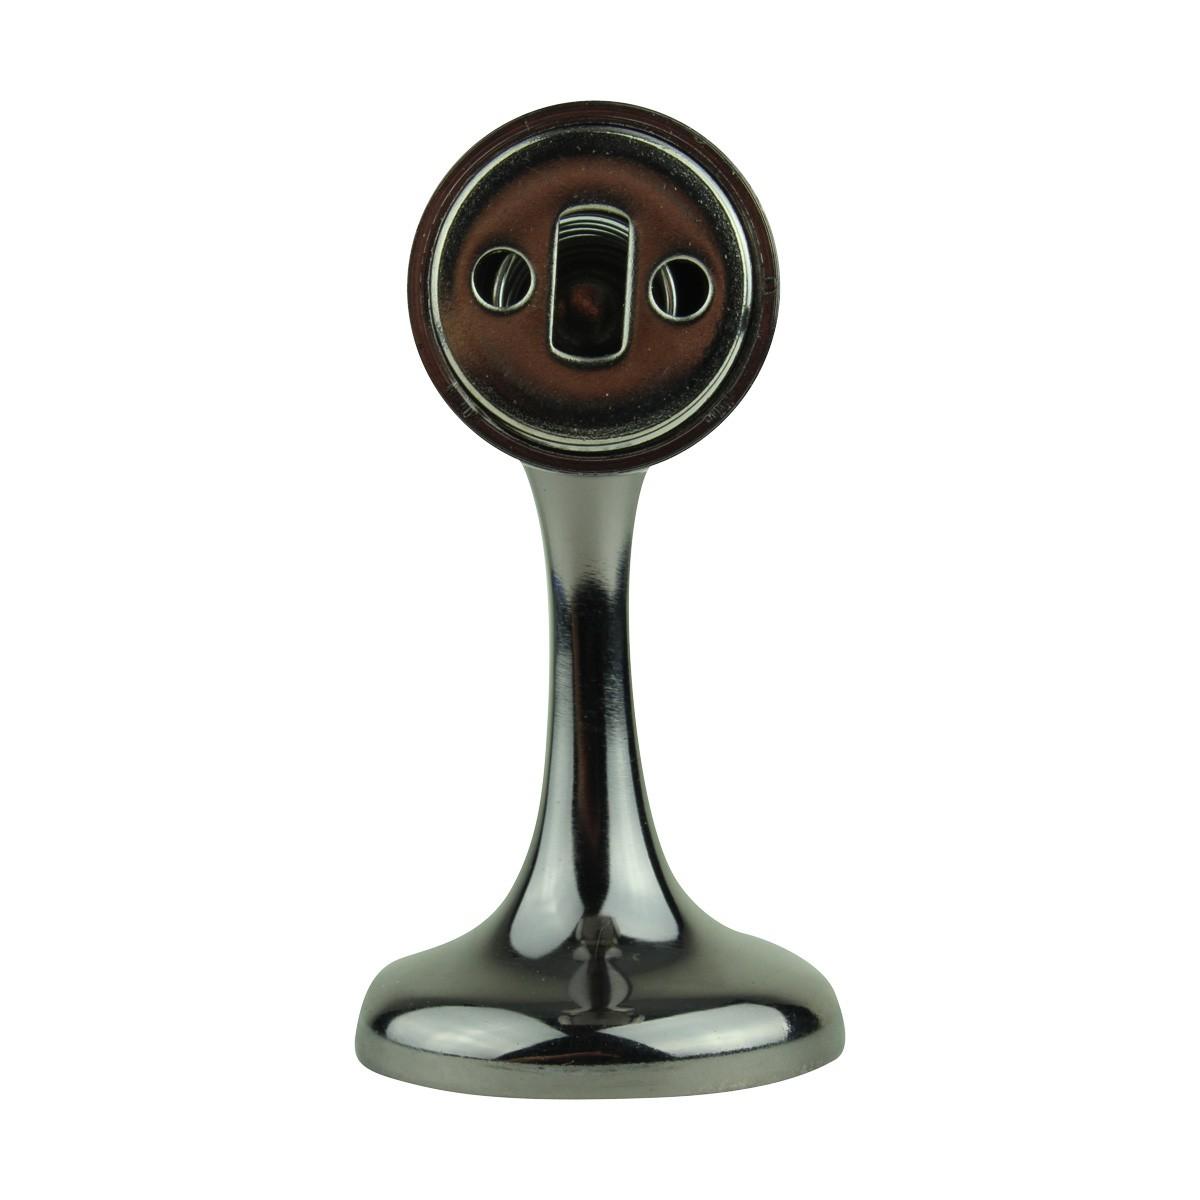 2 Magnetic Door Stop Safety Catch Black Nickel Zinc Alloy doorstop door bumper door holder